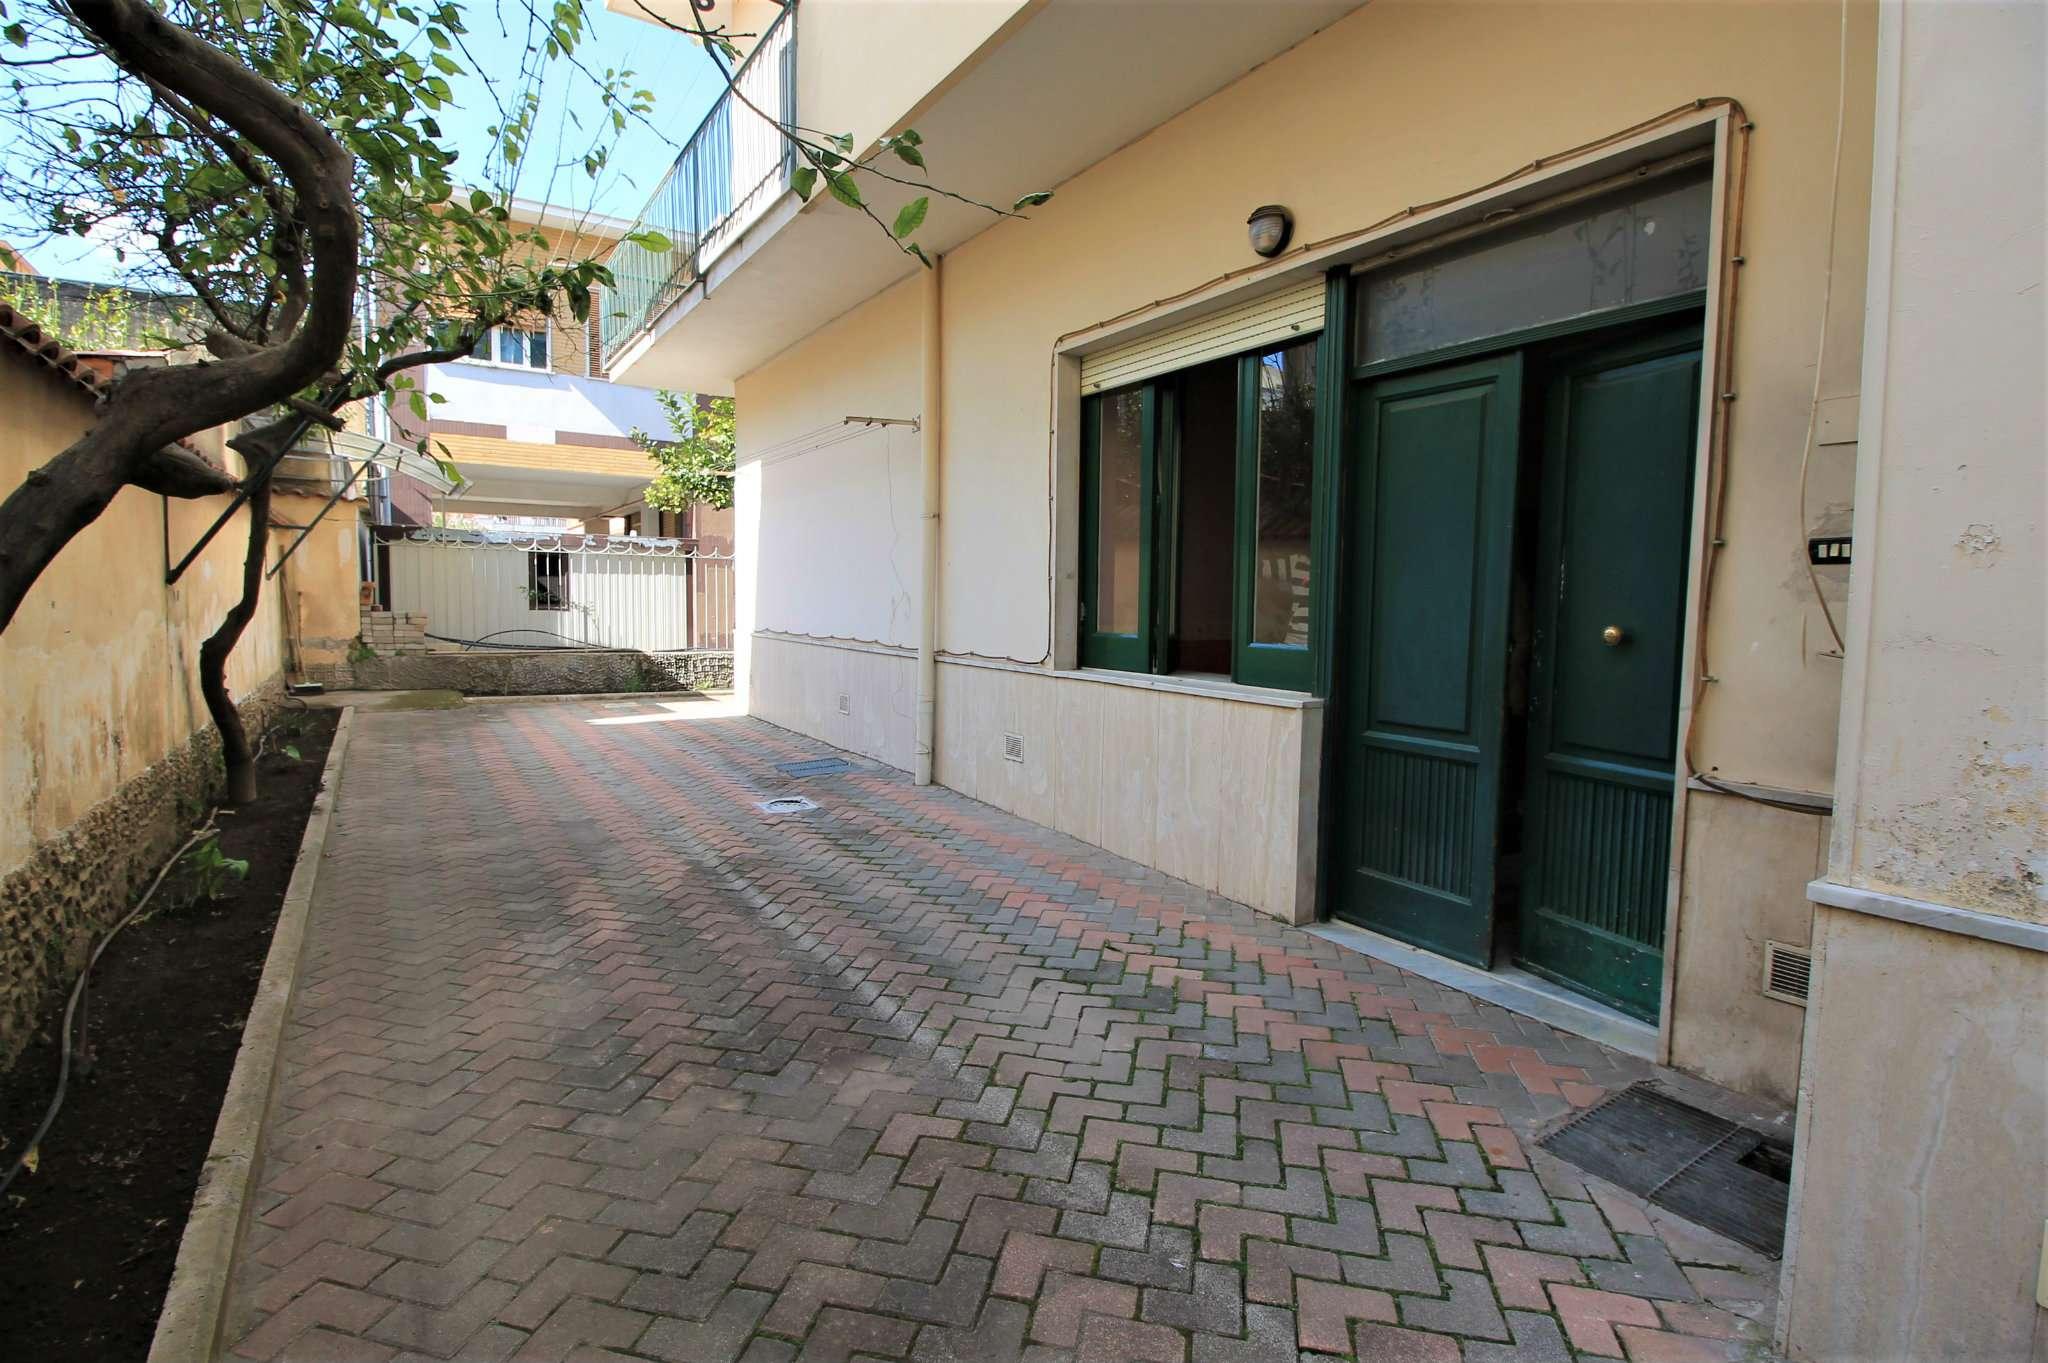 Appartamento in affitto a Casamarciano, 3 locali, prezzo € 300 | Cambio Casa.it